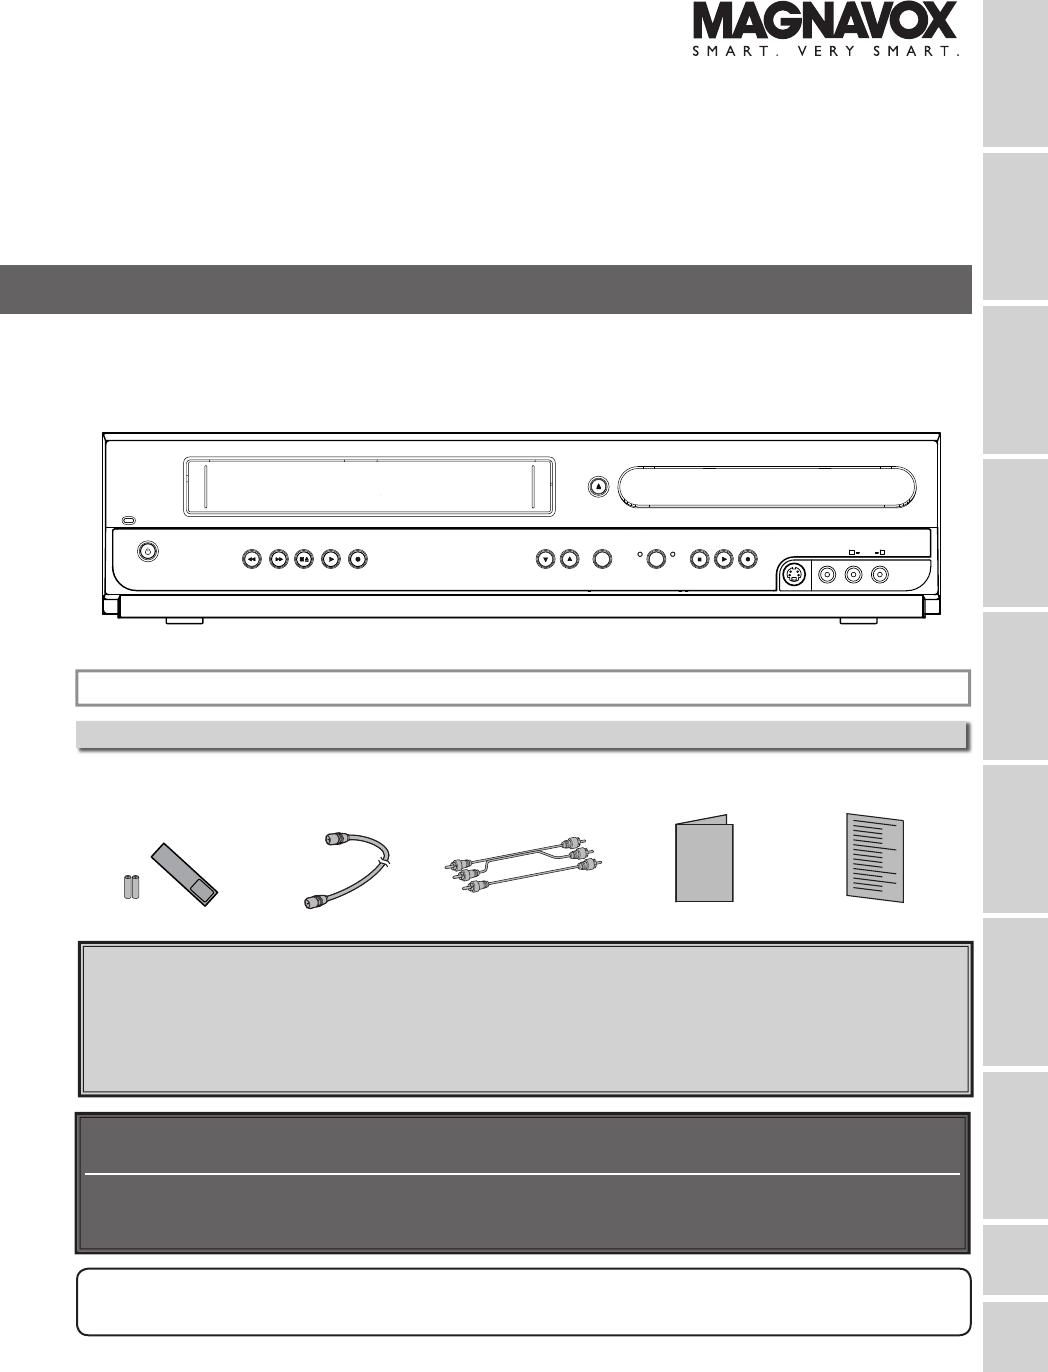 magnavox dvd vcr combo mwr20v6 user guide manualsonline com Magnavox DVD VCR DV220MW9 Manual DVD Manual Recorder Magnavox D2563324.9A